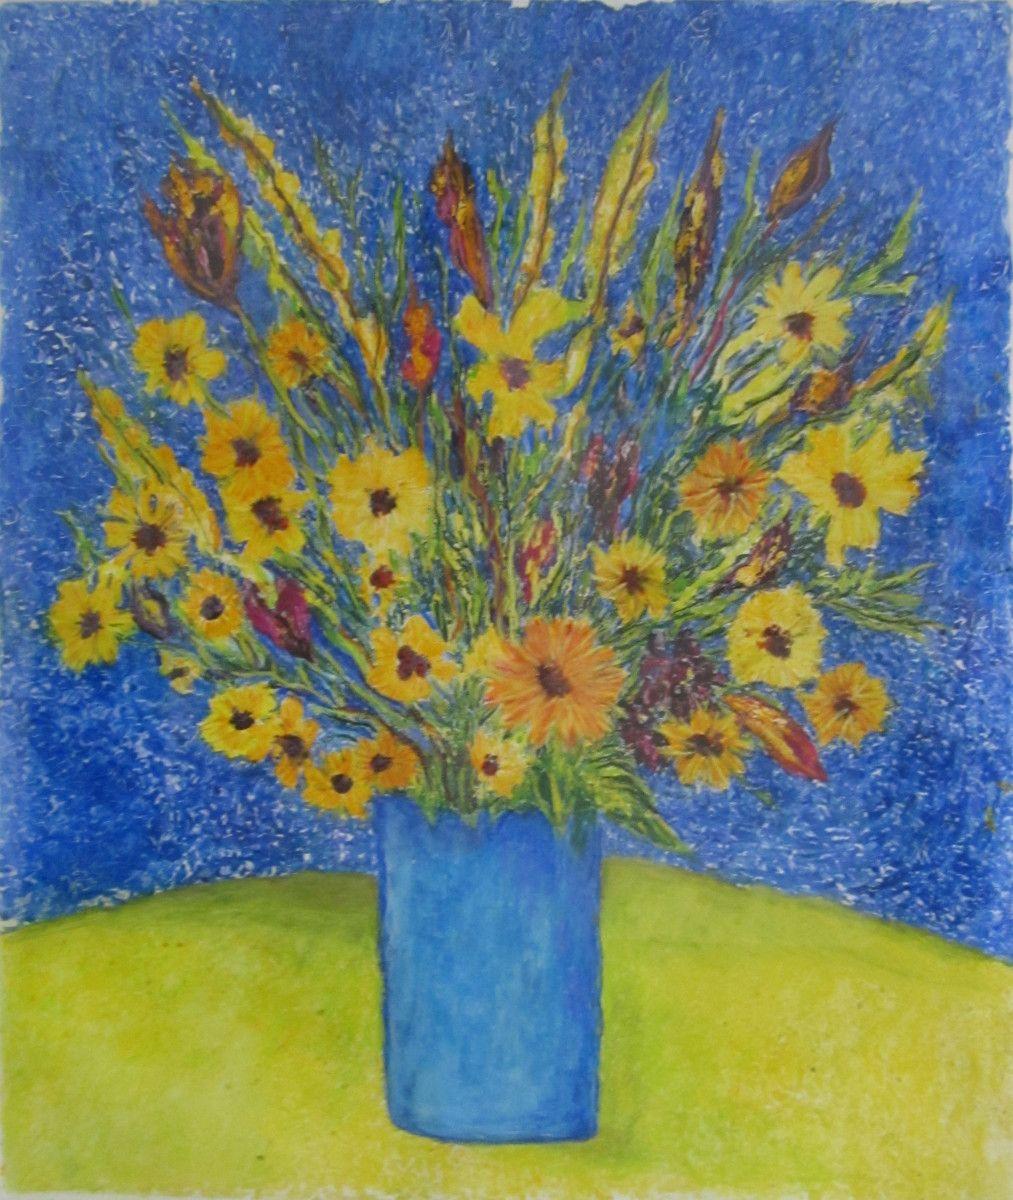 Maria Hughes, Still Life in Blue Vase, SOLD.